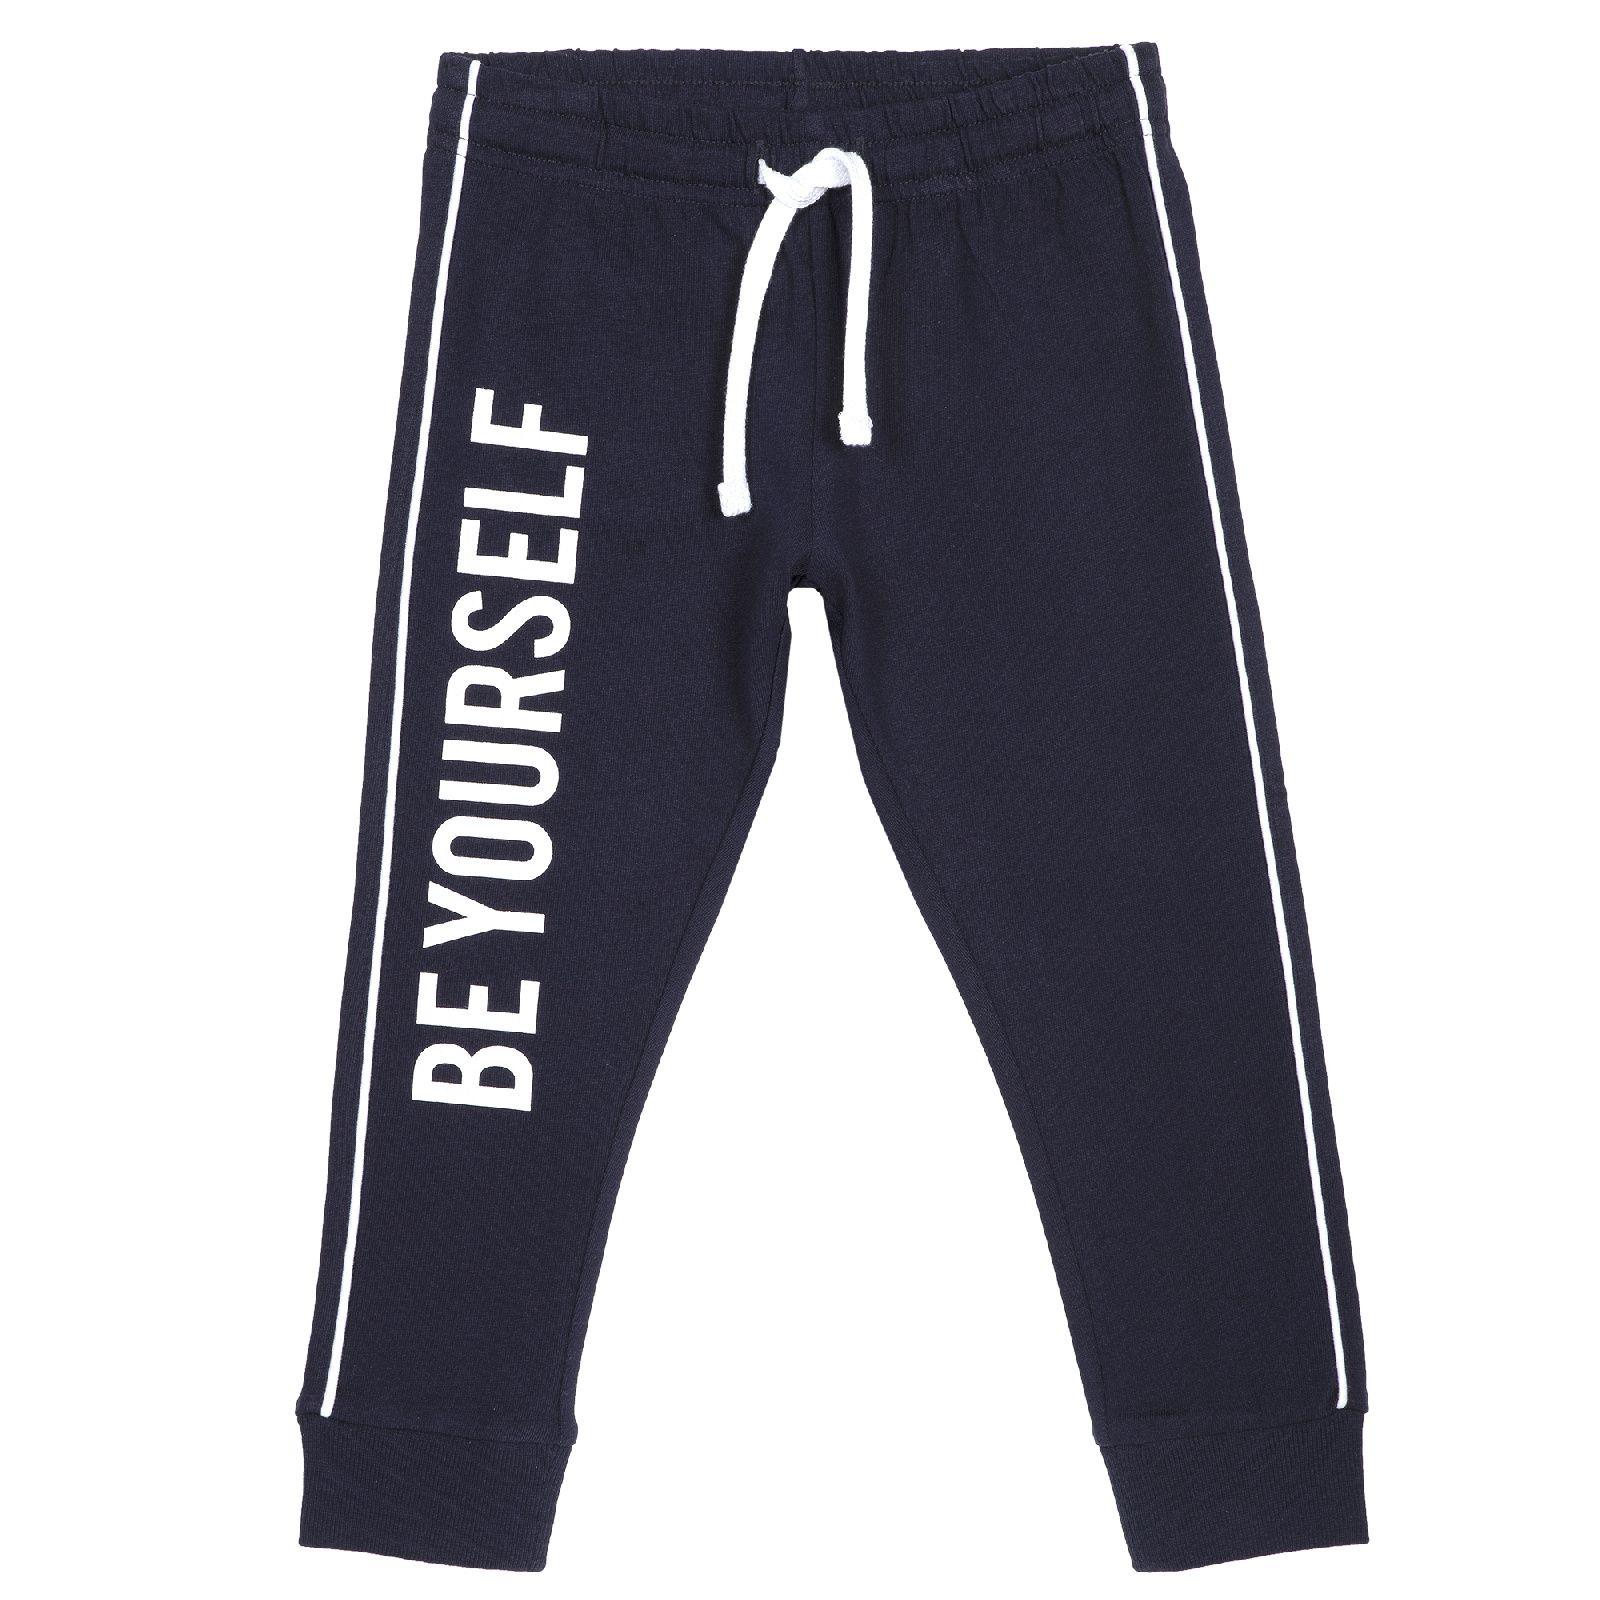 Купить 900810688, Брюки Chicco для мальчика надпись Be yоur self р.92 цвет темно-синий, Детские брюки и шорты